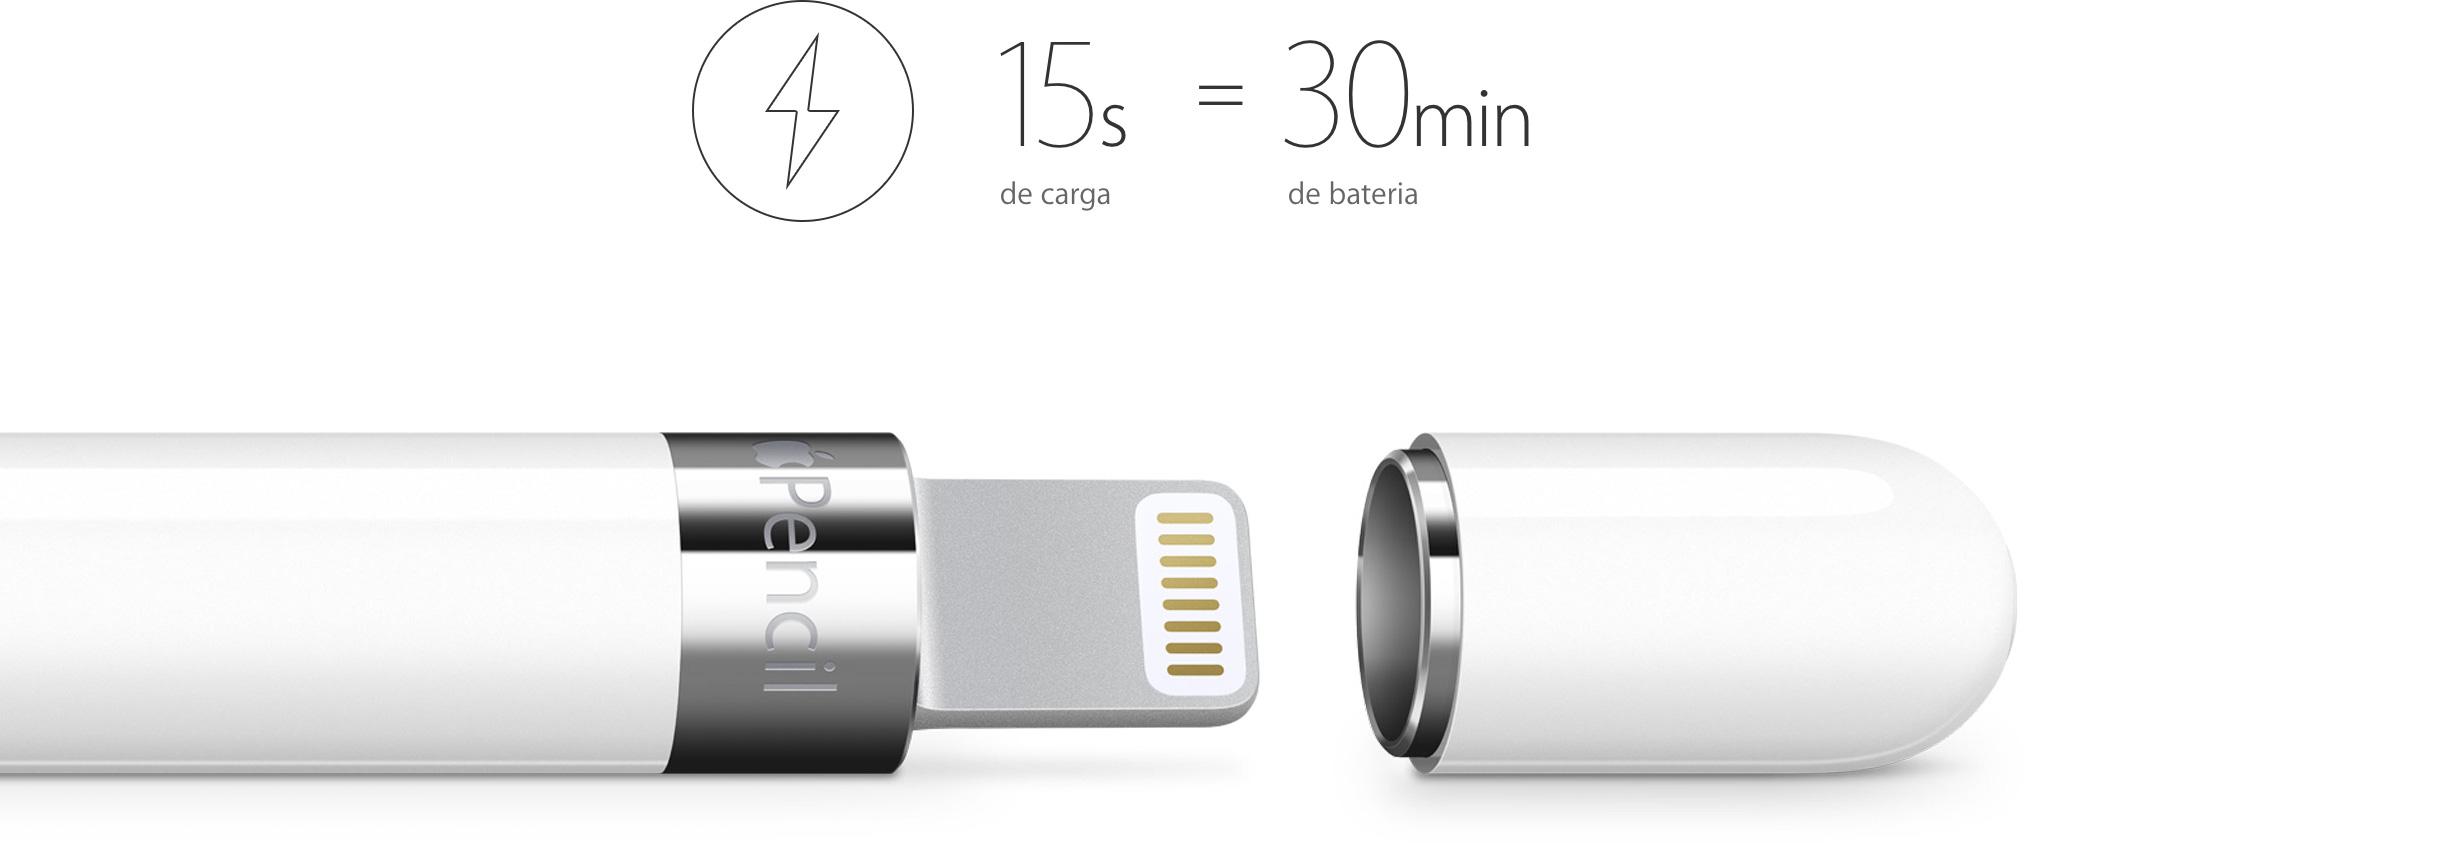 Recarga da bateria do Apple Pencil